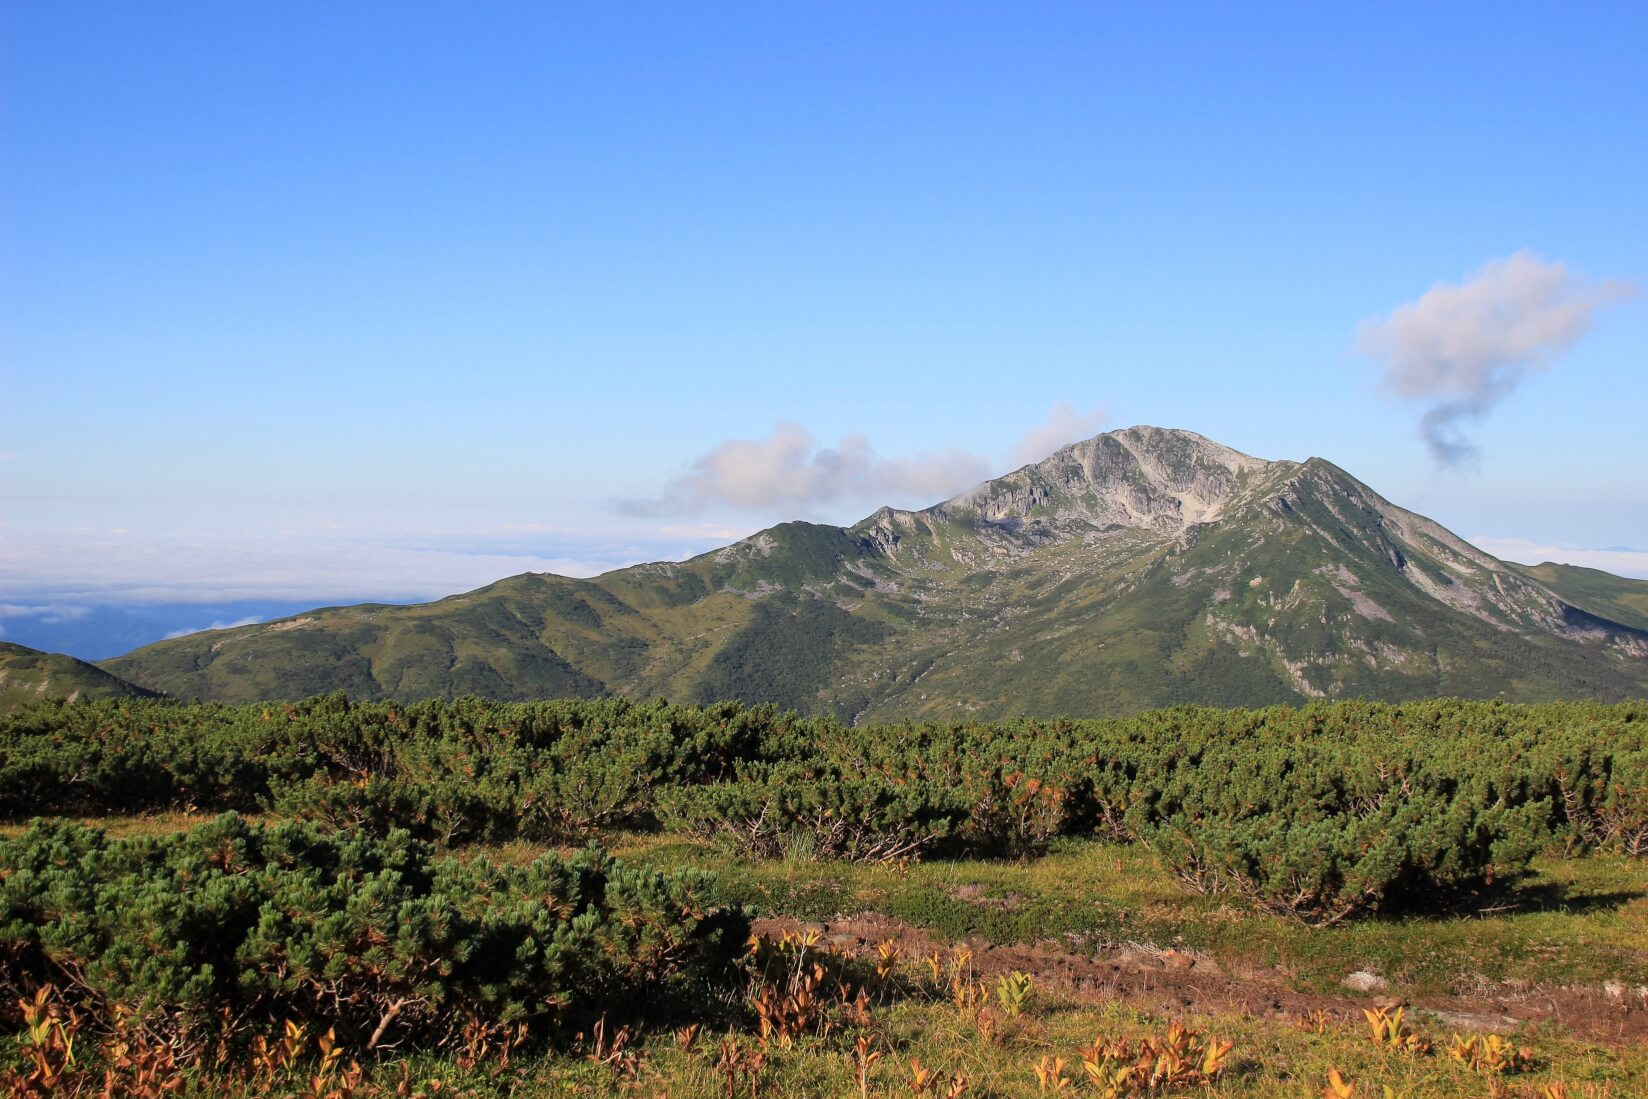 雲ノ平から黒部源流までの区間より黒部五郎岳